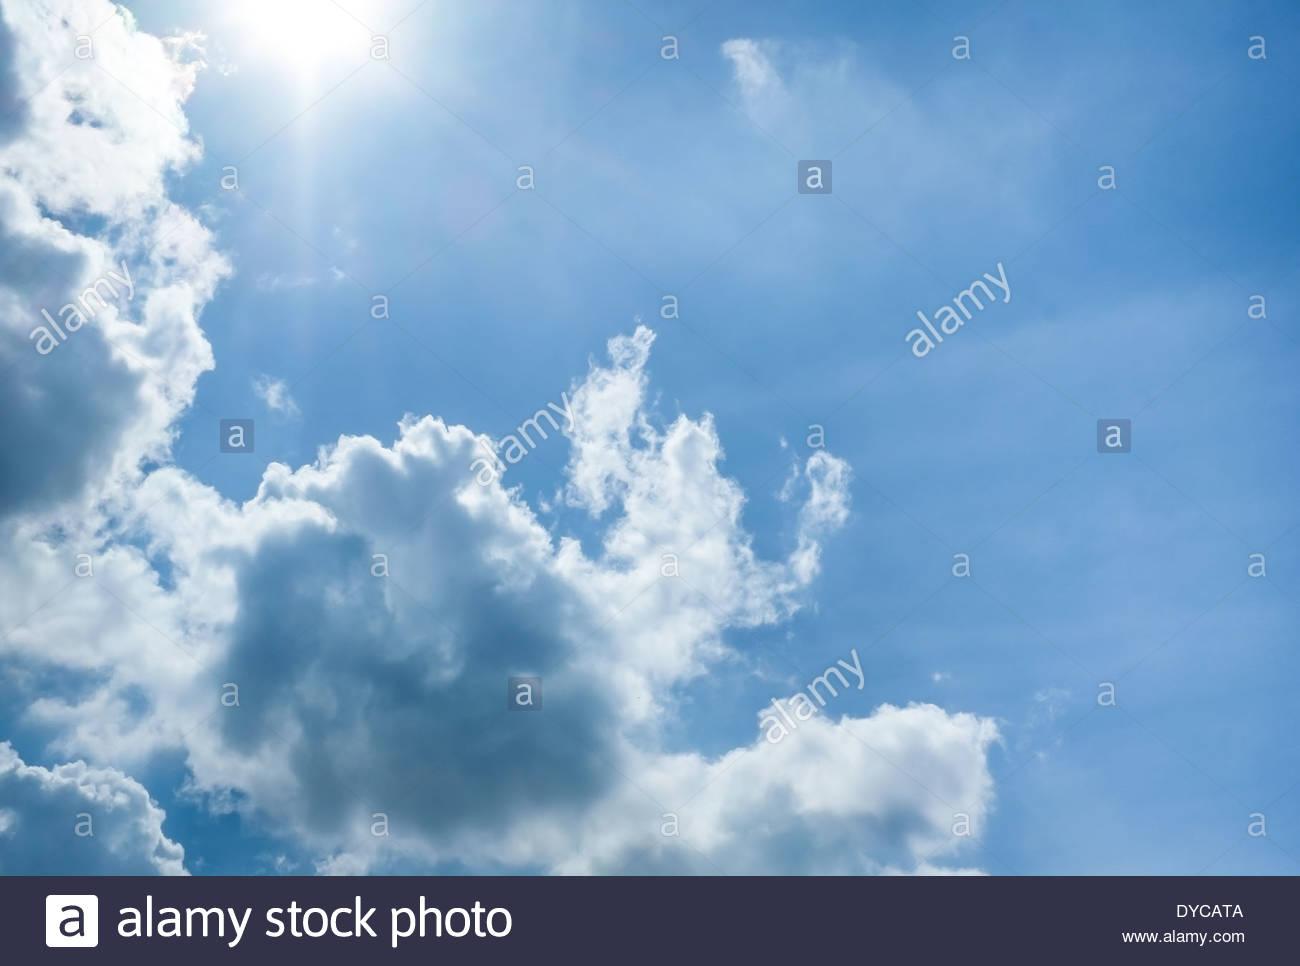 Schönen blauen Himmel mit Wolken und Sonne Stockbild